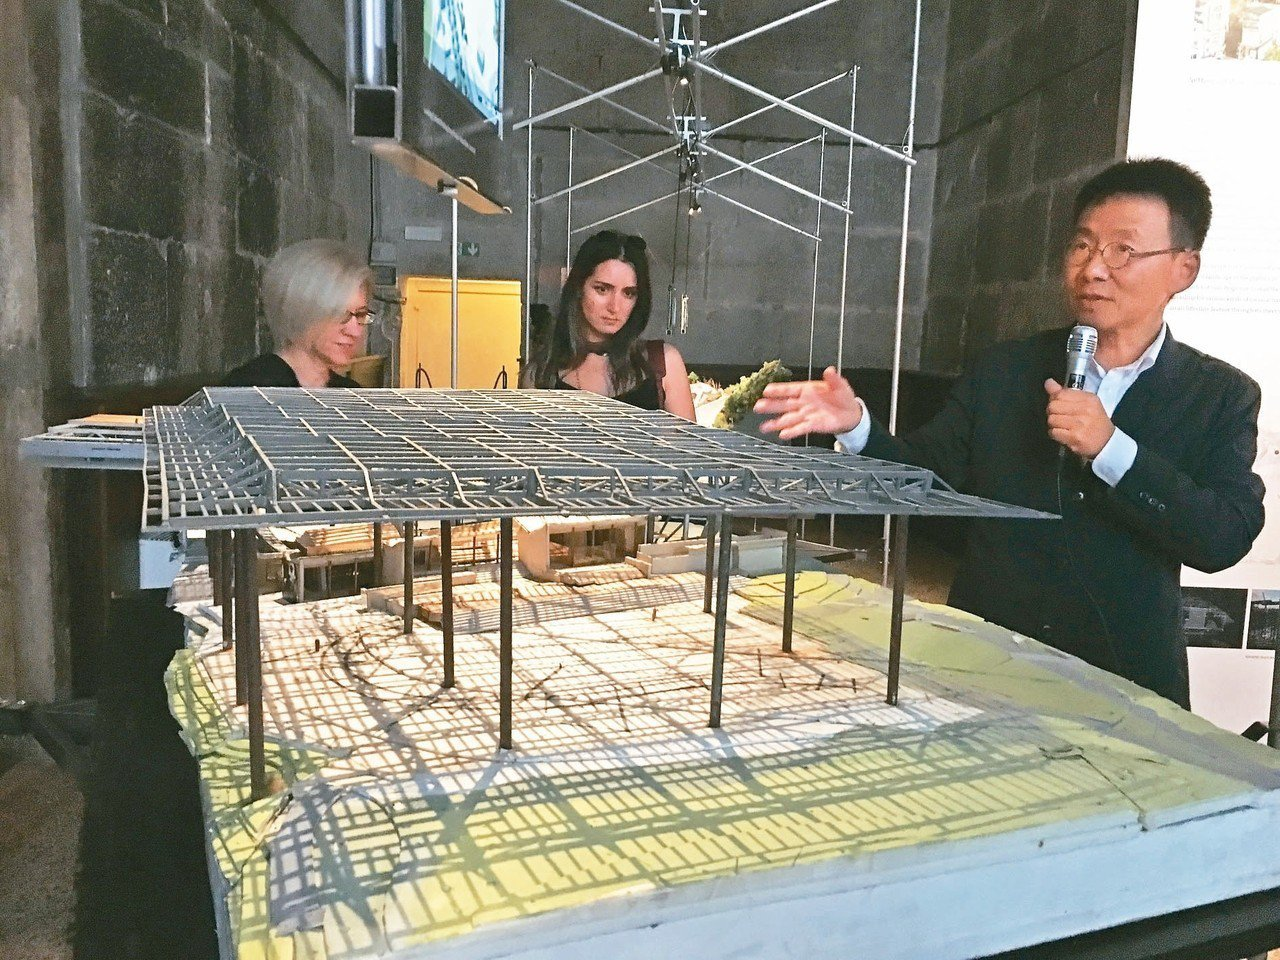 今年威尼斯建築雙年展台灣館展出建築師黃聲遠(右)作品,圖中以模型表現羅東文化工場...